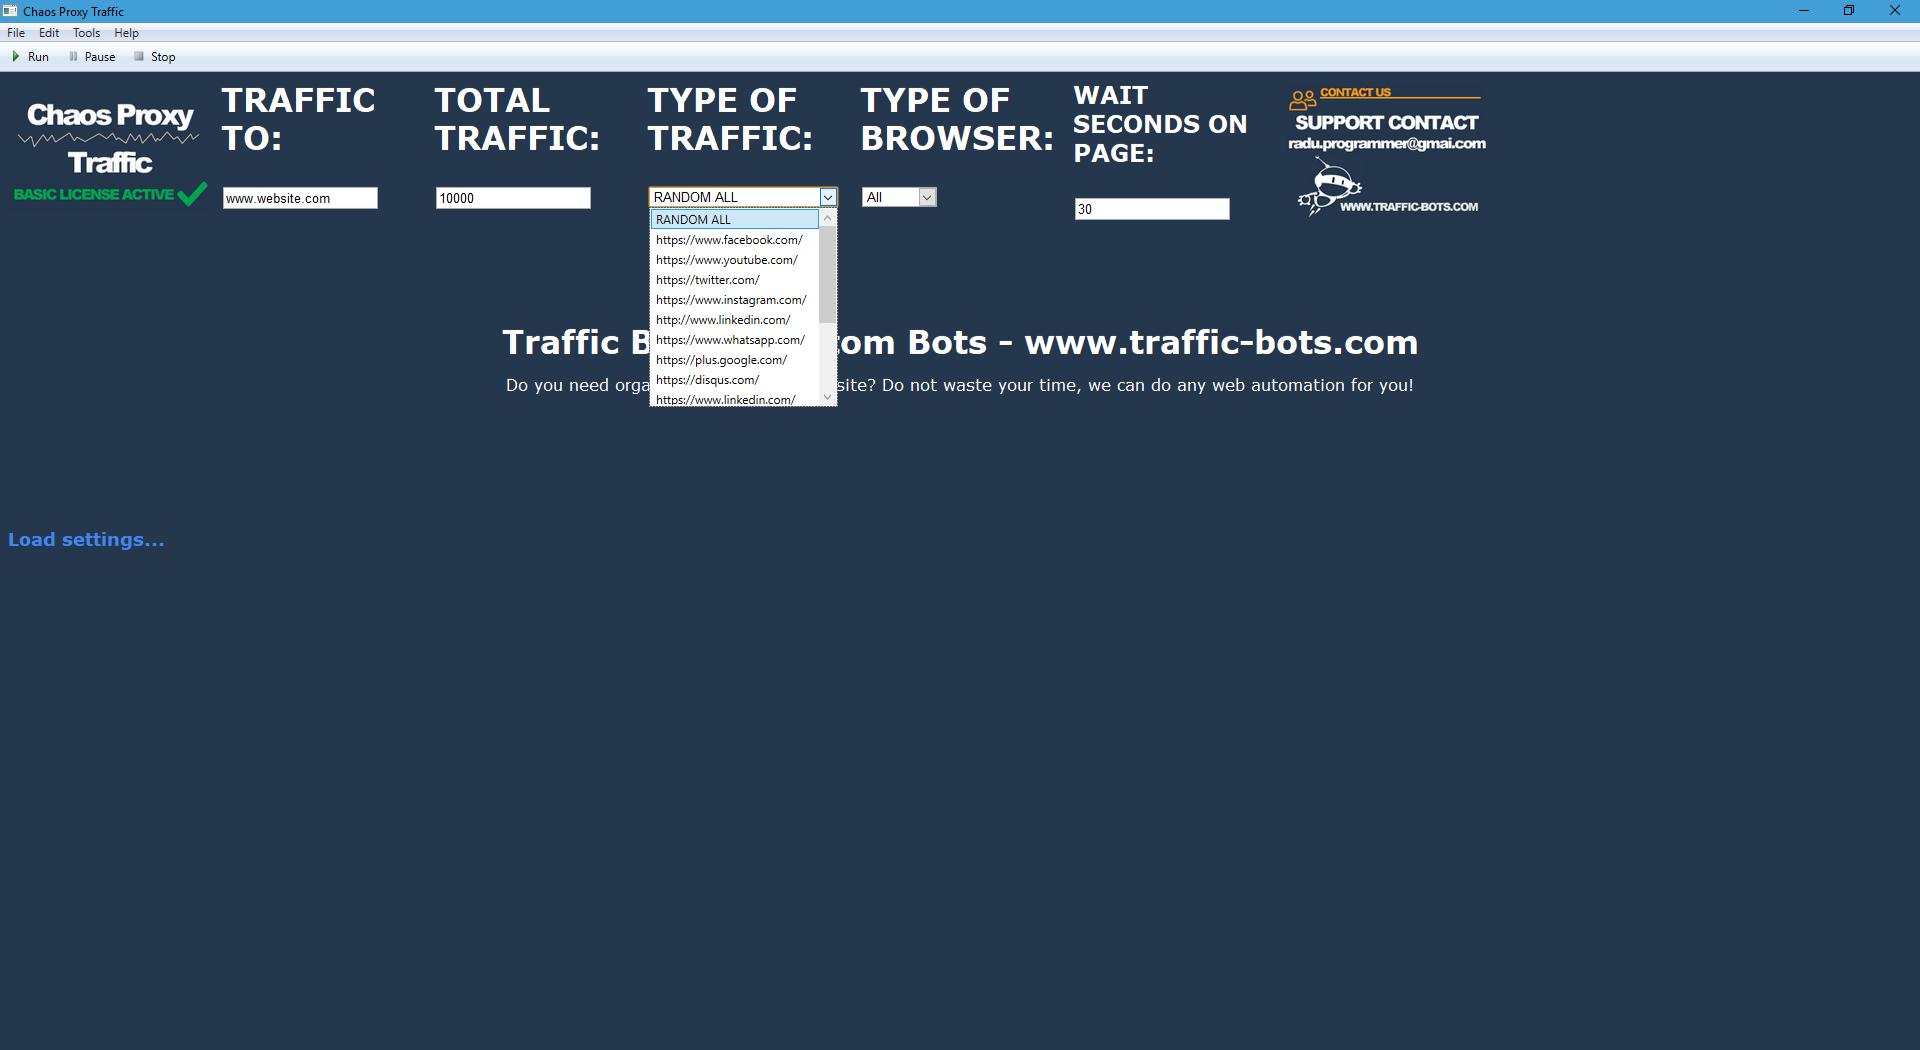 Chaos Proxy Traffic